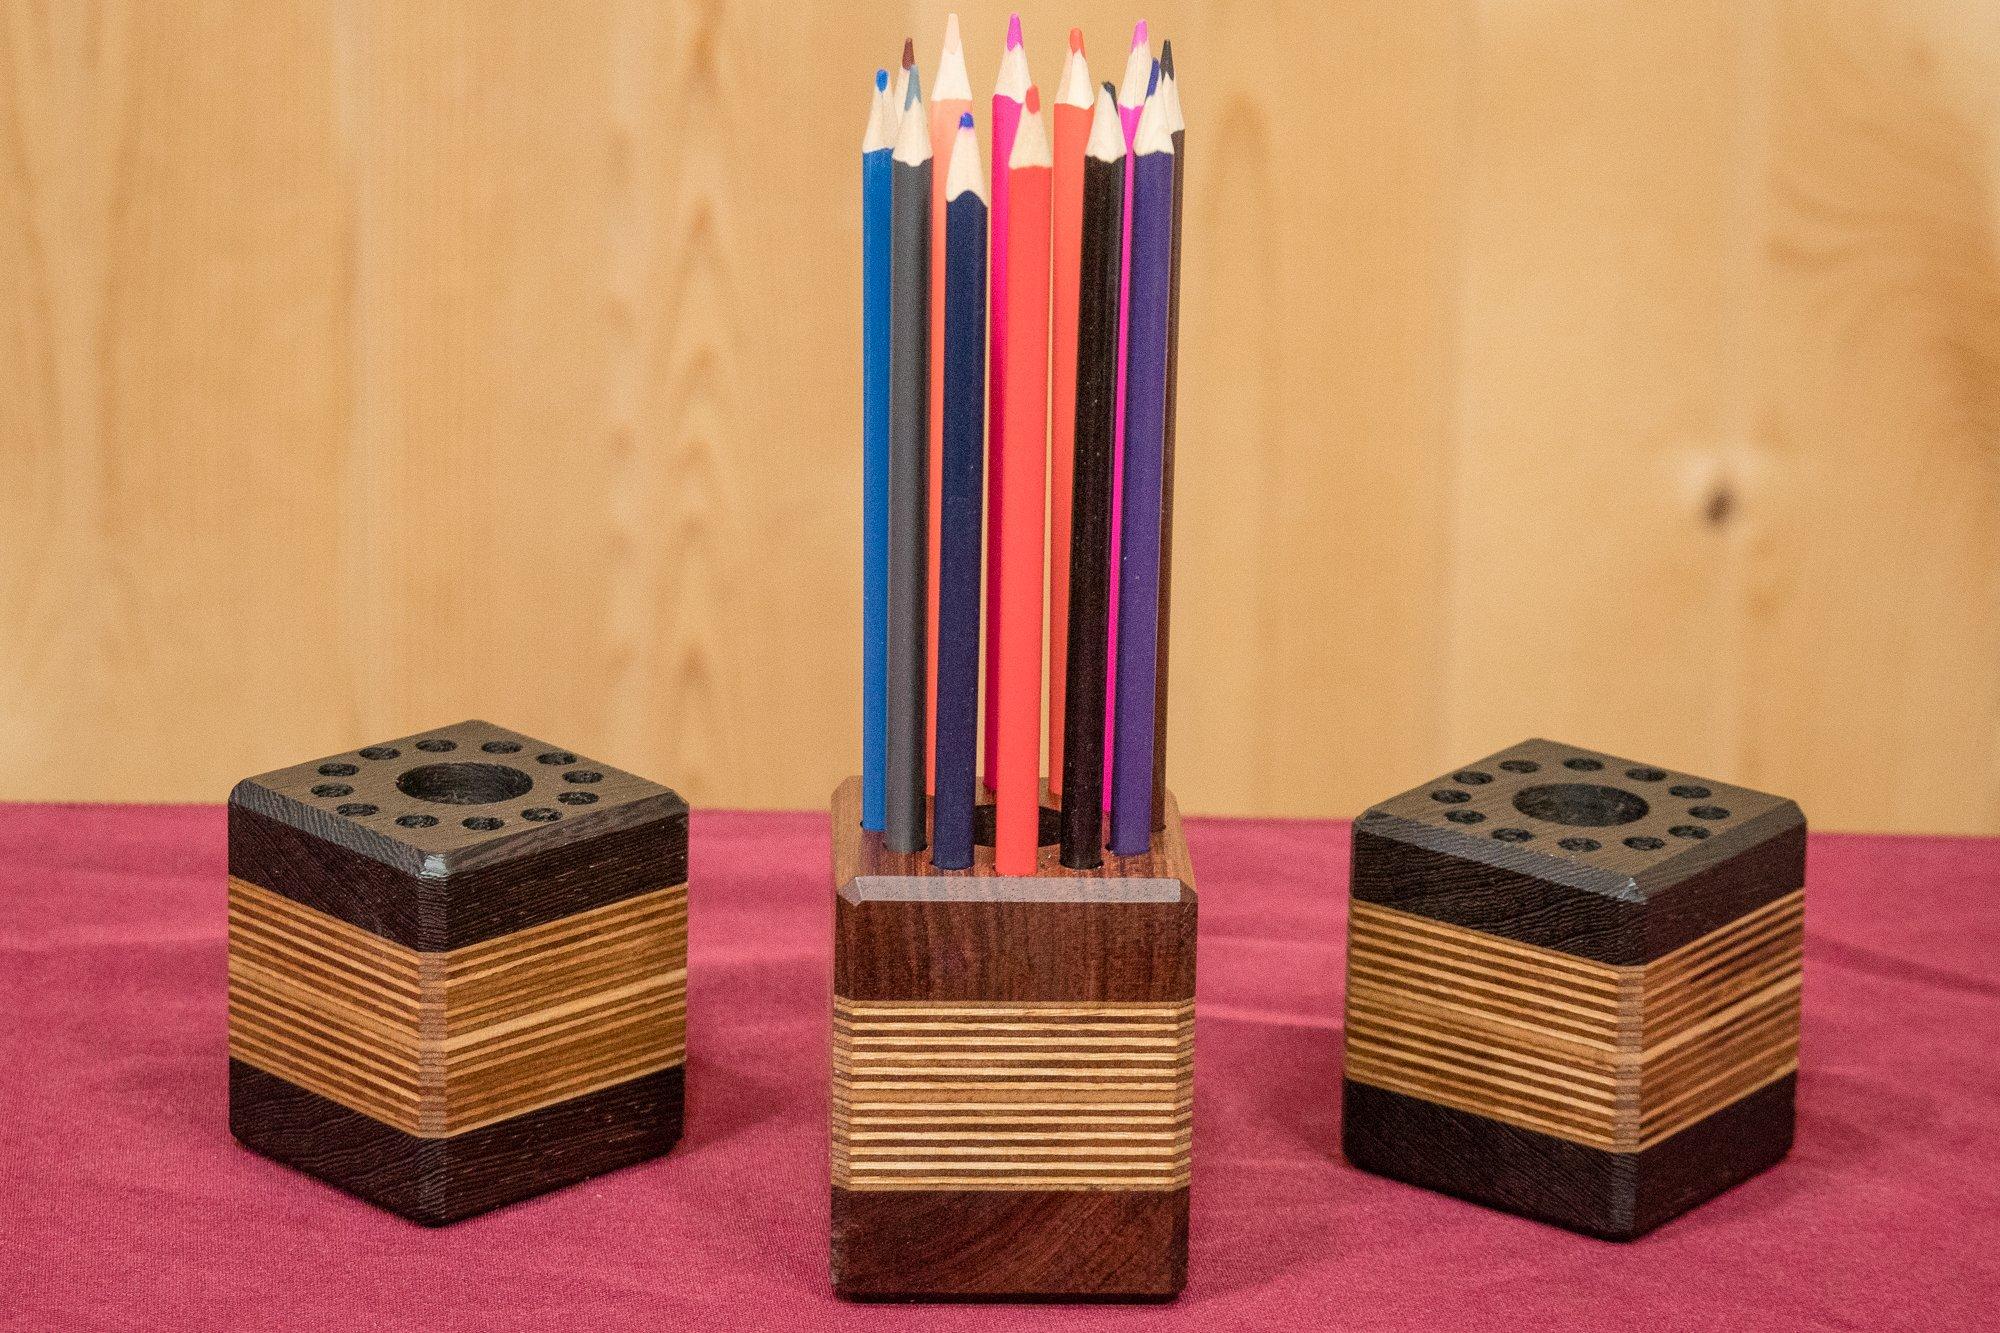 wood_pencil_holders-2.jpg